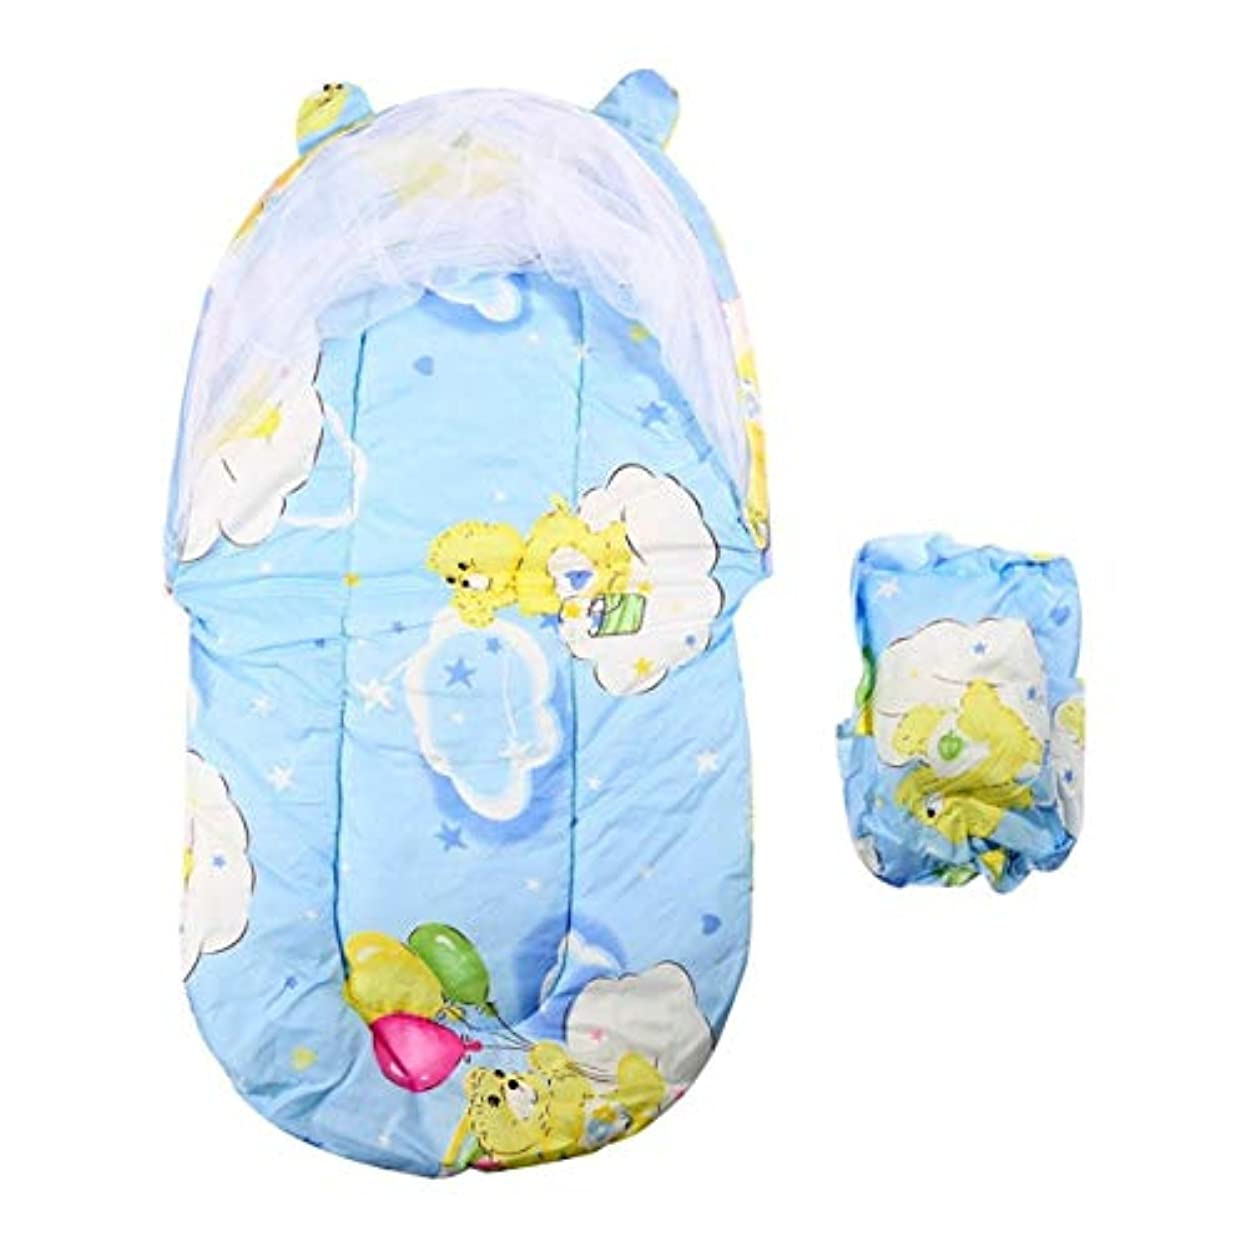 許容できる興奮するブリッジSaikogoods 折り畳み式の新しい赤ん坊の綿パッド入りマットレス幼児枕ベッド蚊帳テントはキッズベビーベッドアクセサリーハングドームフロアスタンド 青